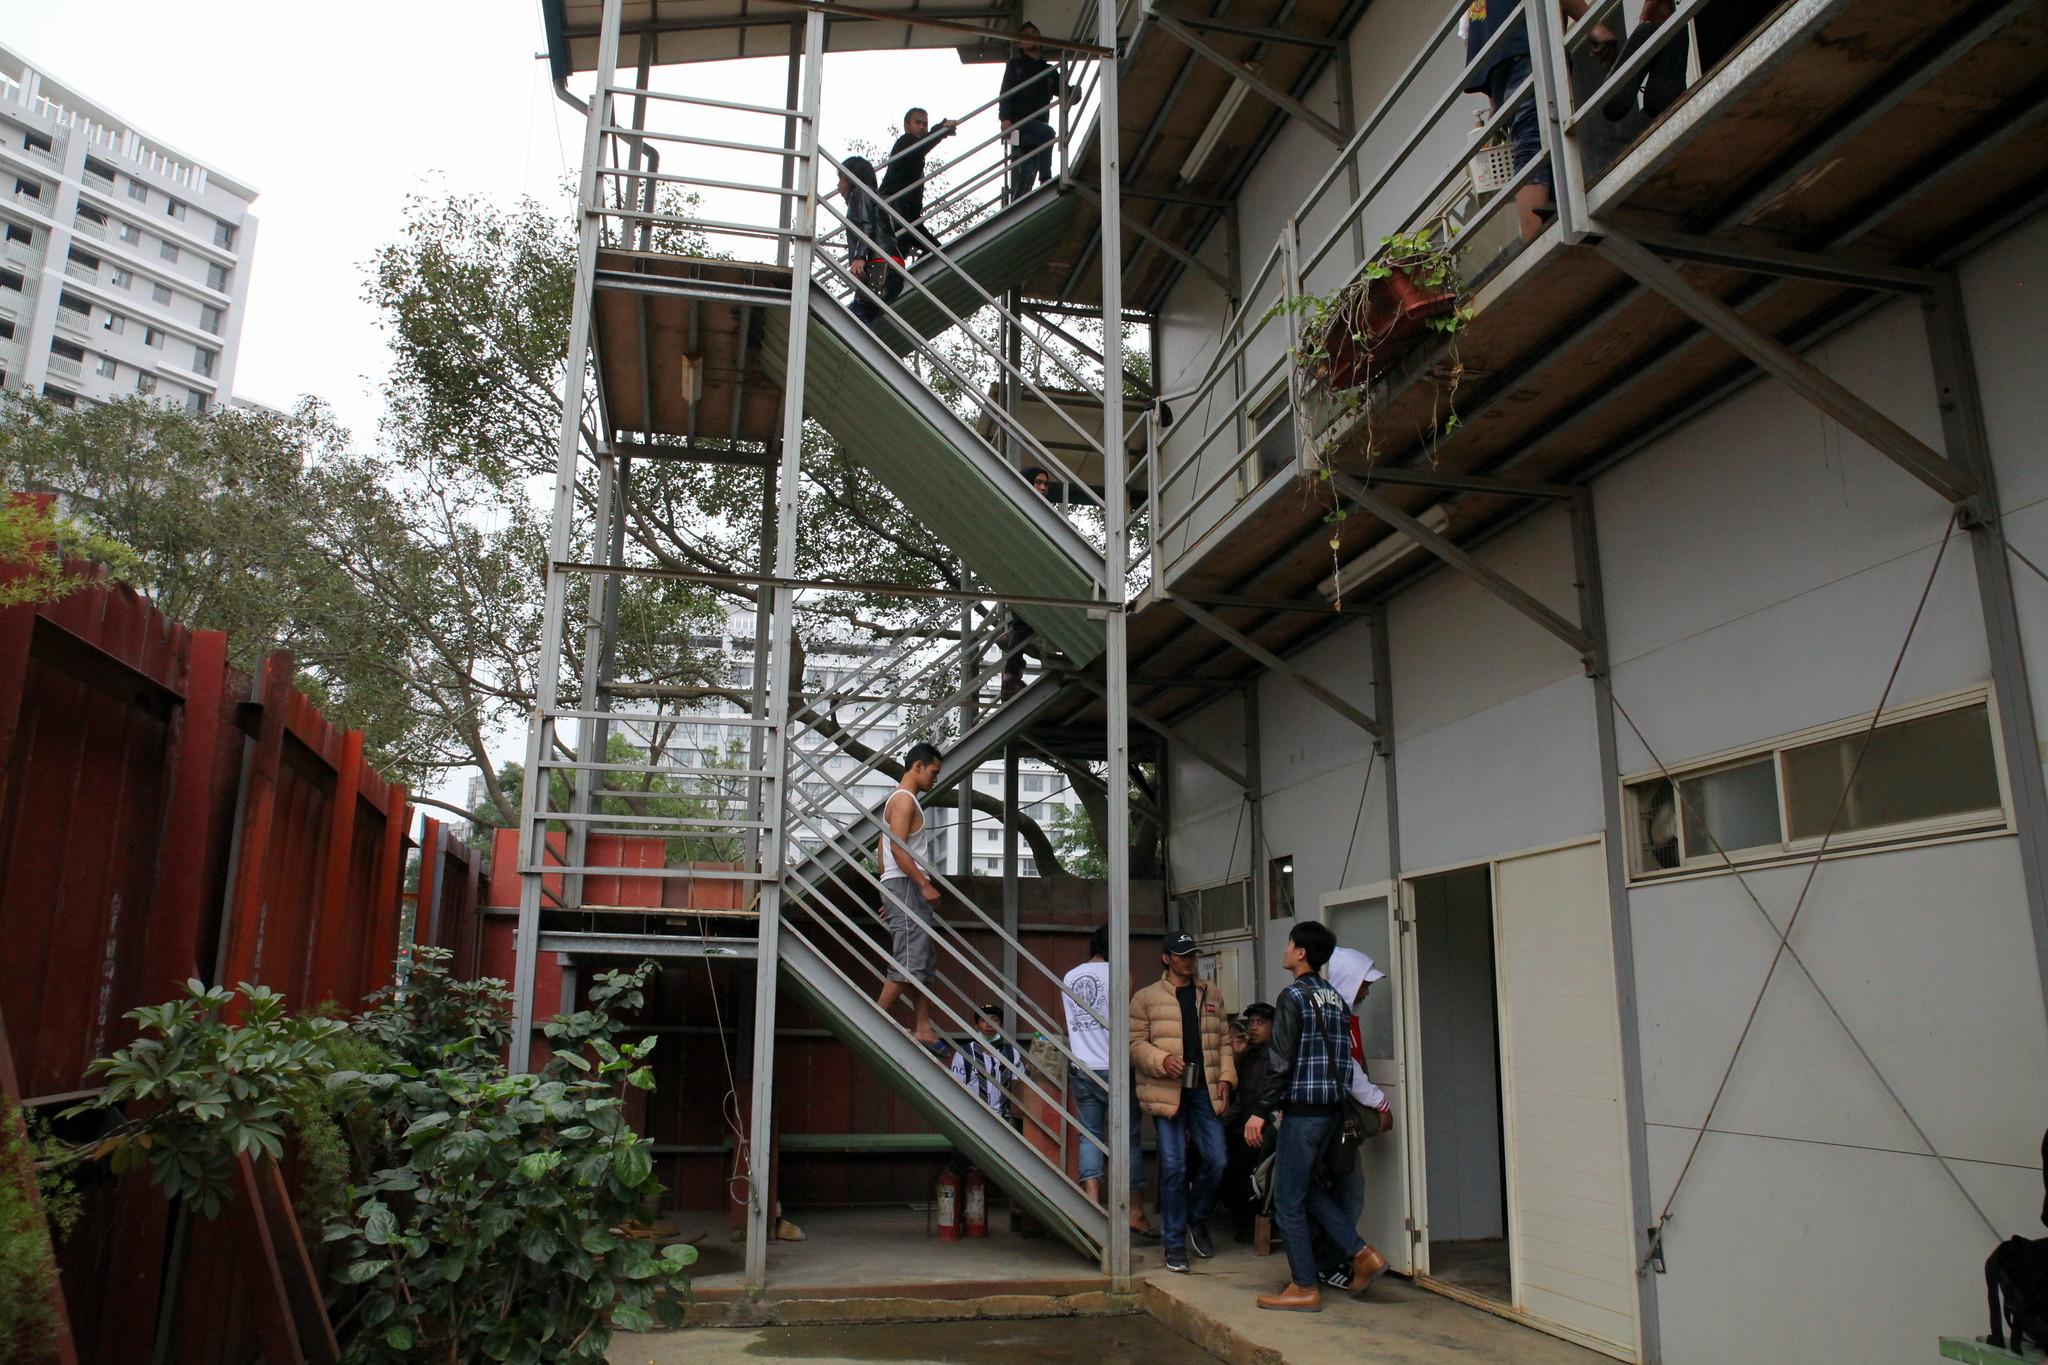 三層樓的移工宿舍,二樓三樓共有兩個大房間,每間可容納五十人左右的床位。一樓有共用的衛浴。(攝影:陳逸婷)